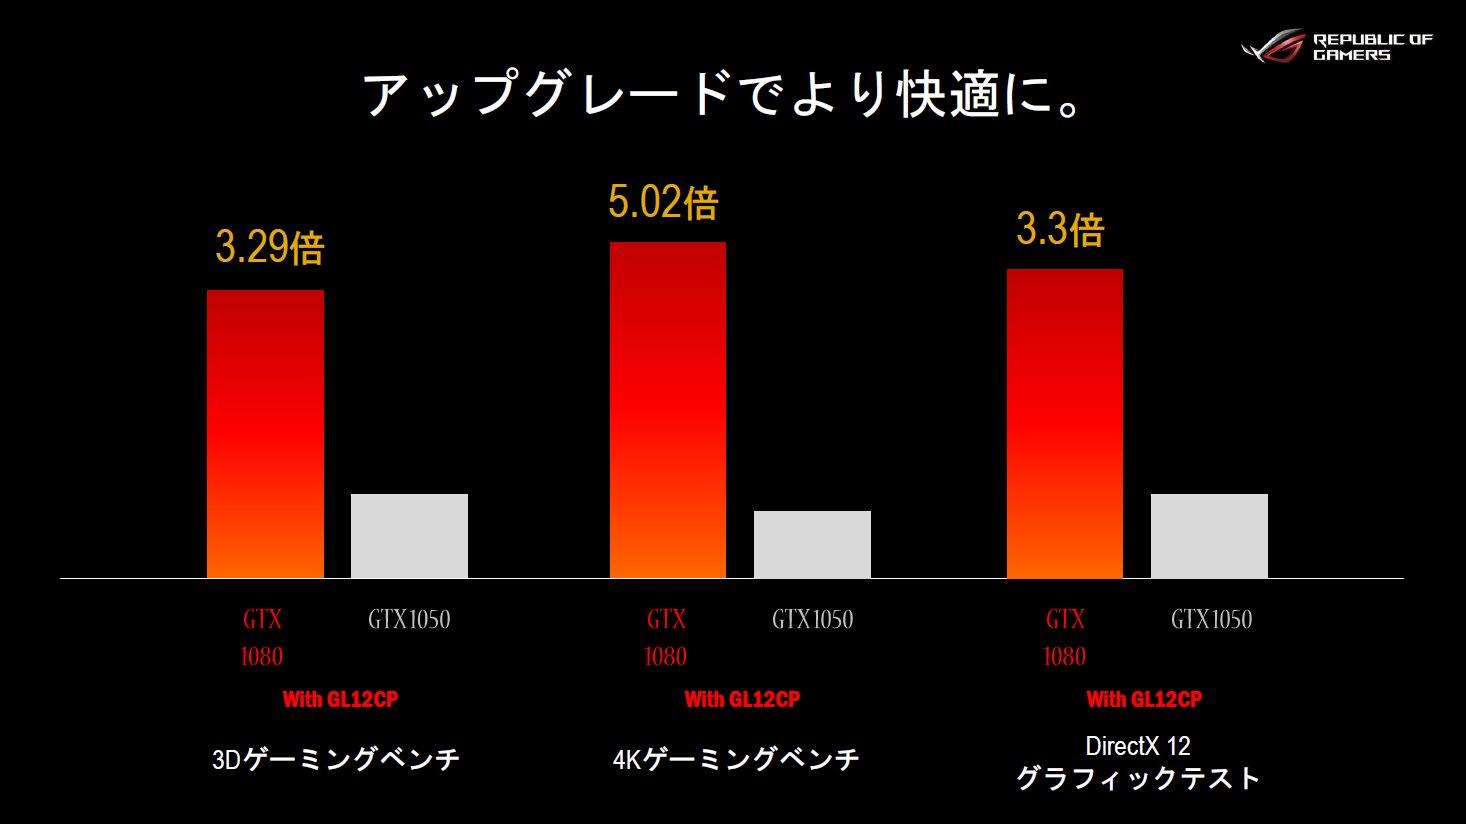 AURA SYNC対応ゲーミングPC購入で、メモリ増設・アップグレードクーポン2万円分をプレゼント